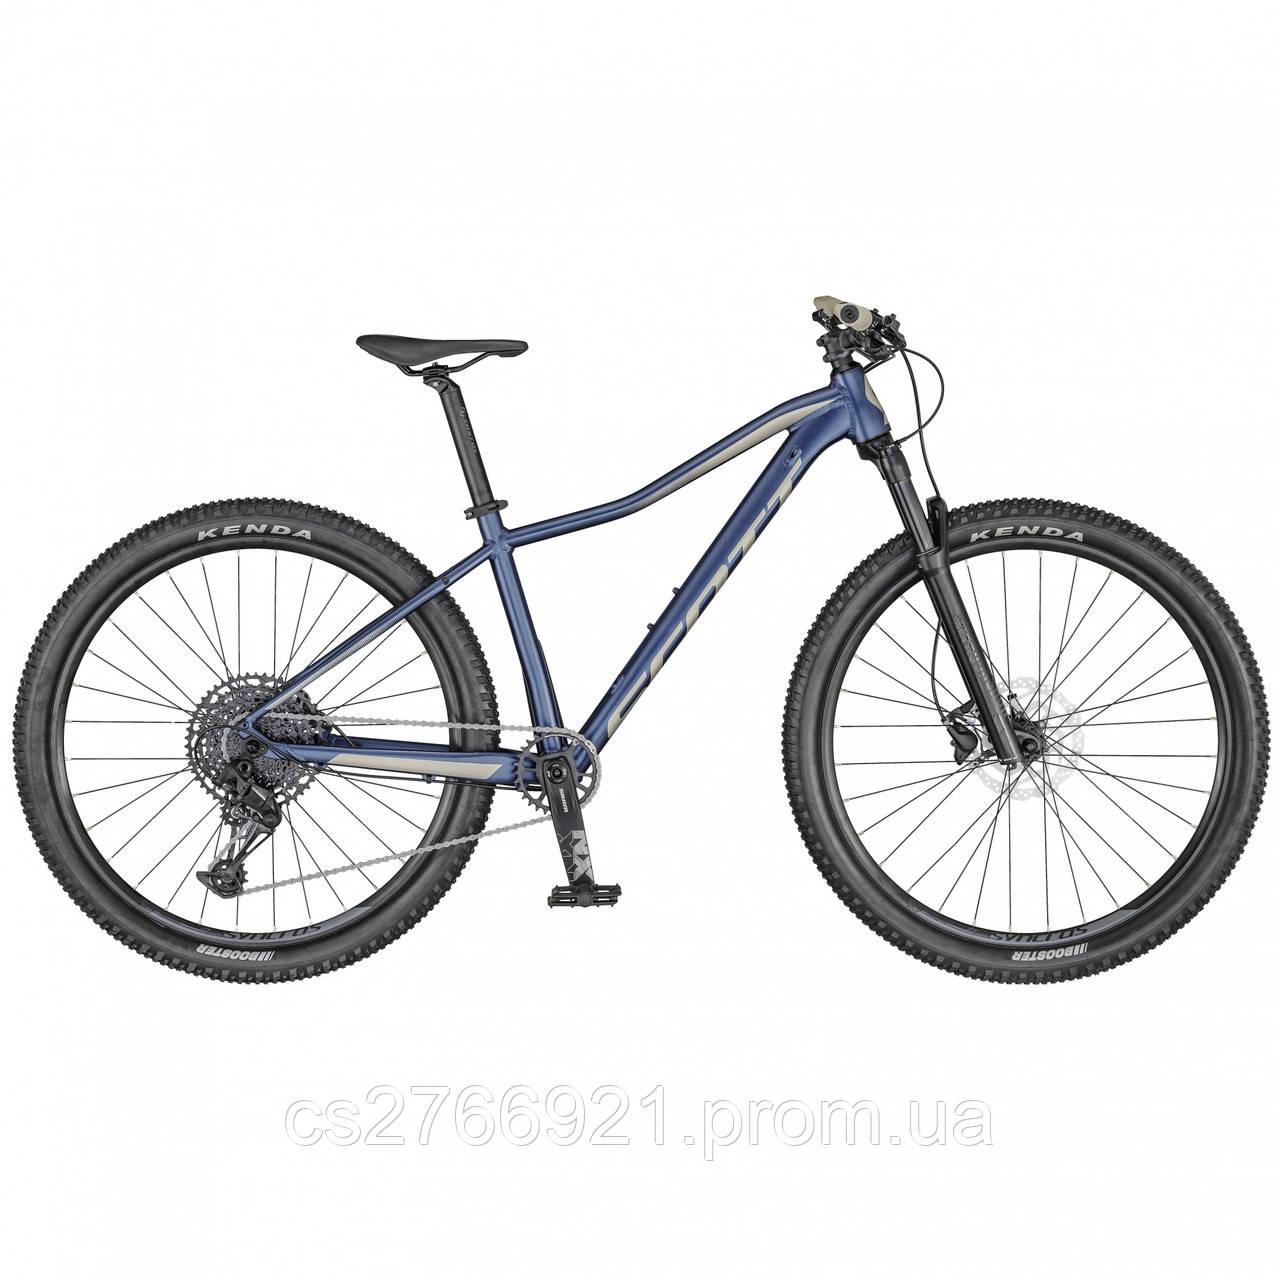 Велосипед CONTESSA ACTIVE 10 20 SCOTT